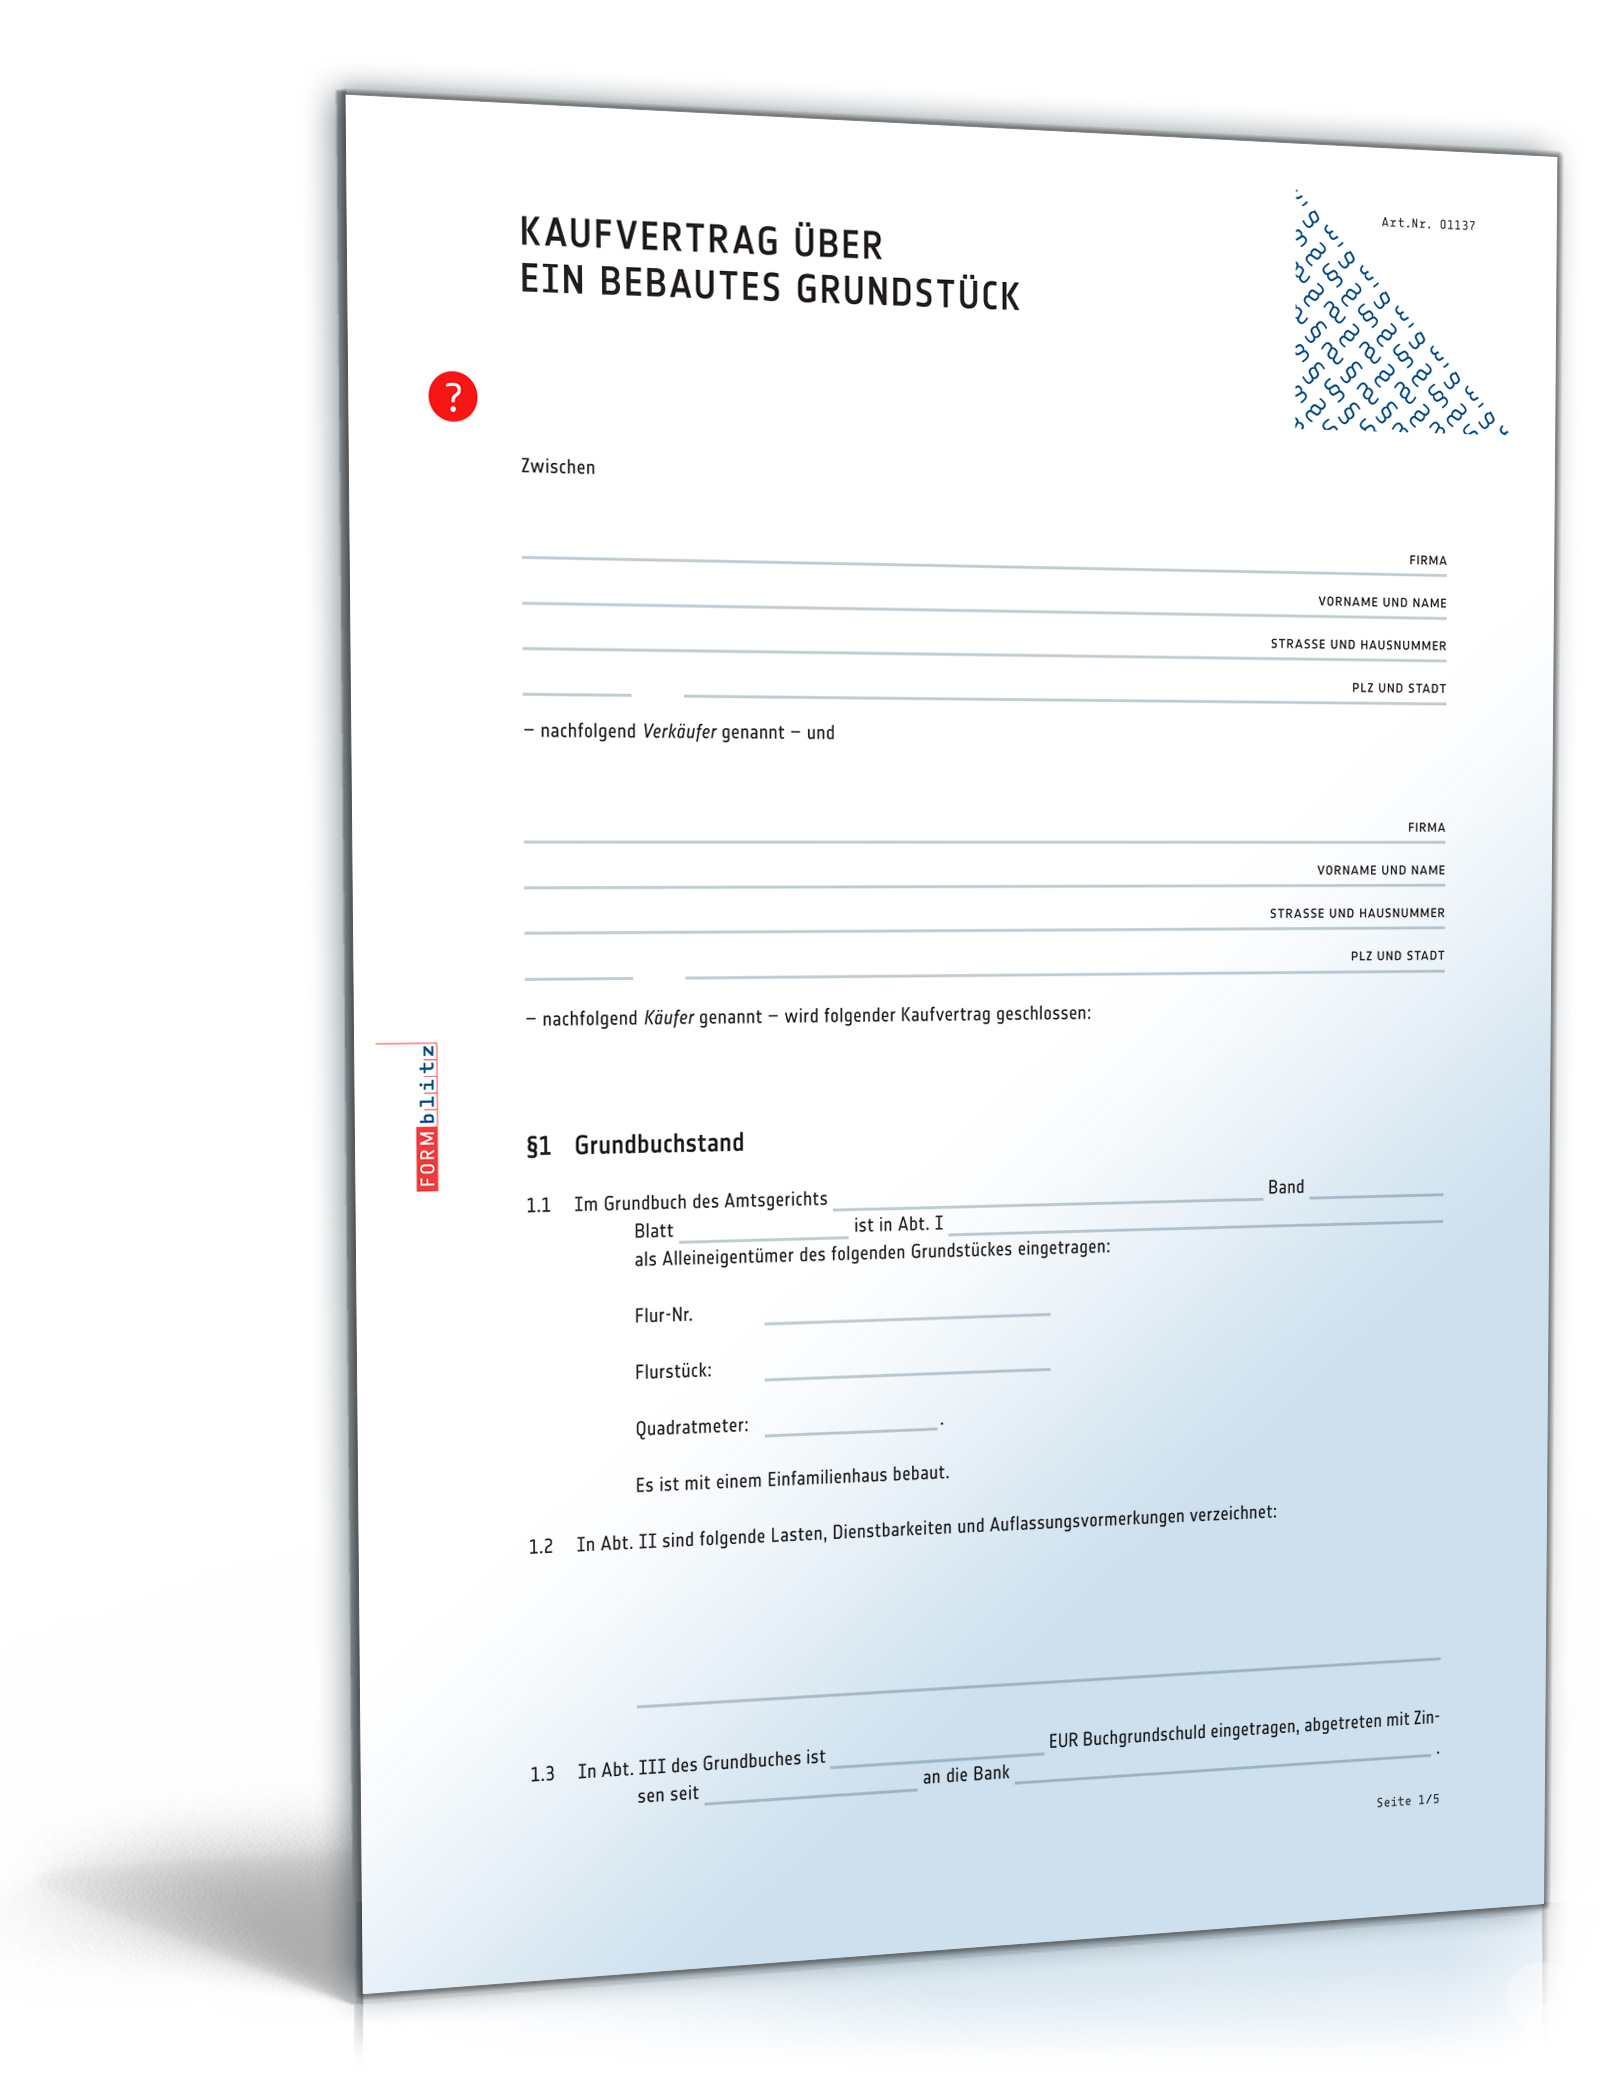 kaufvertrag haus doc vertrag fr immobilie oder bebautes grundstck download amazonde software - Vorvertrag Grundstuckskauf Muster Kostenlos